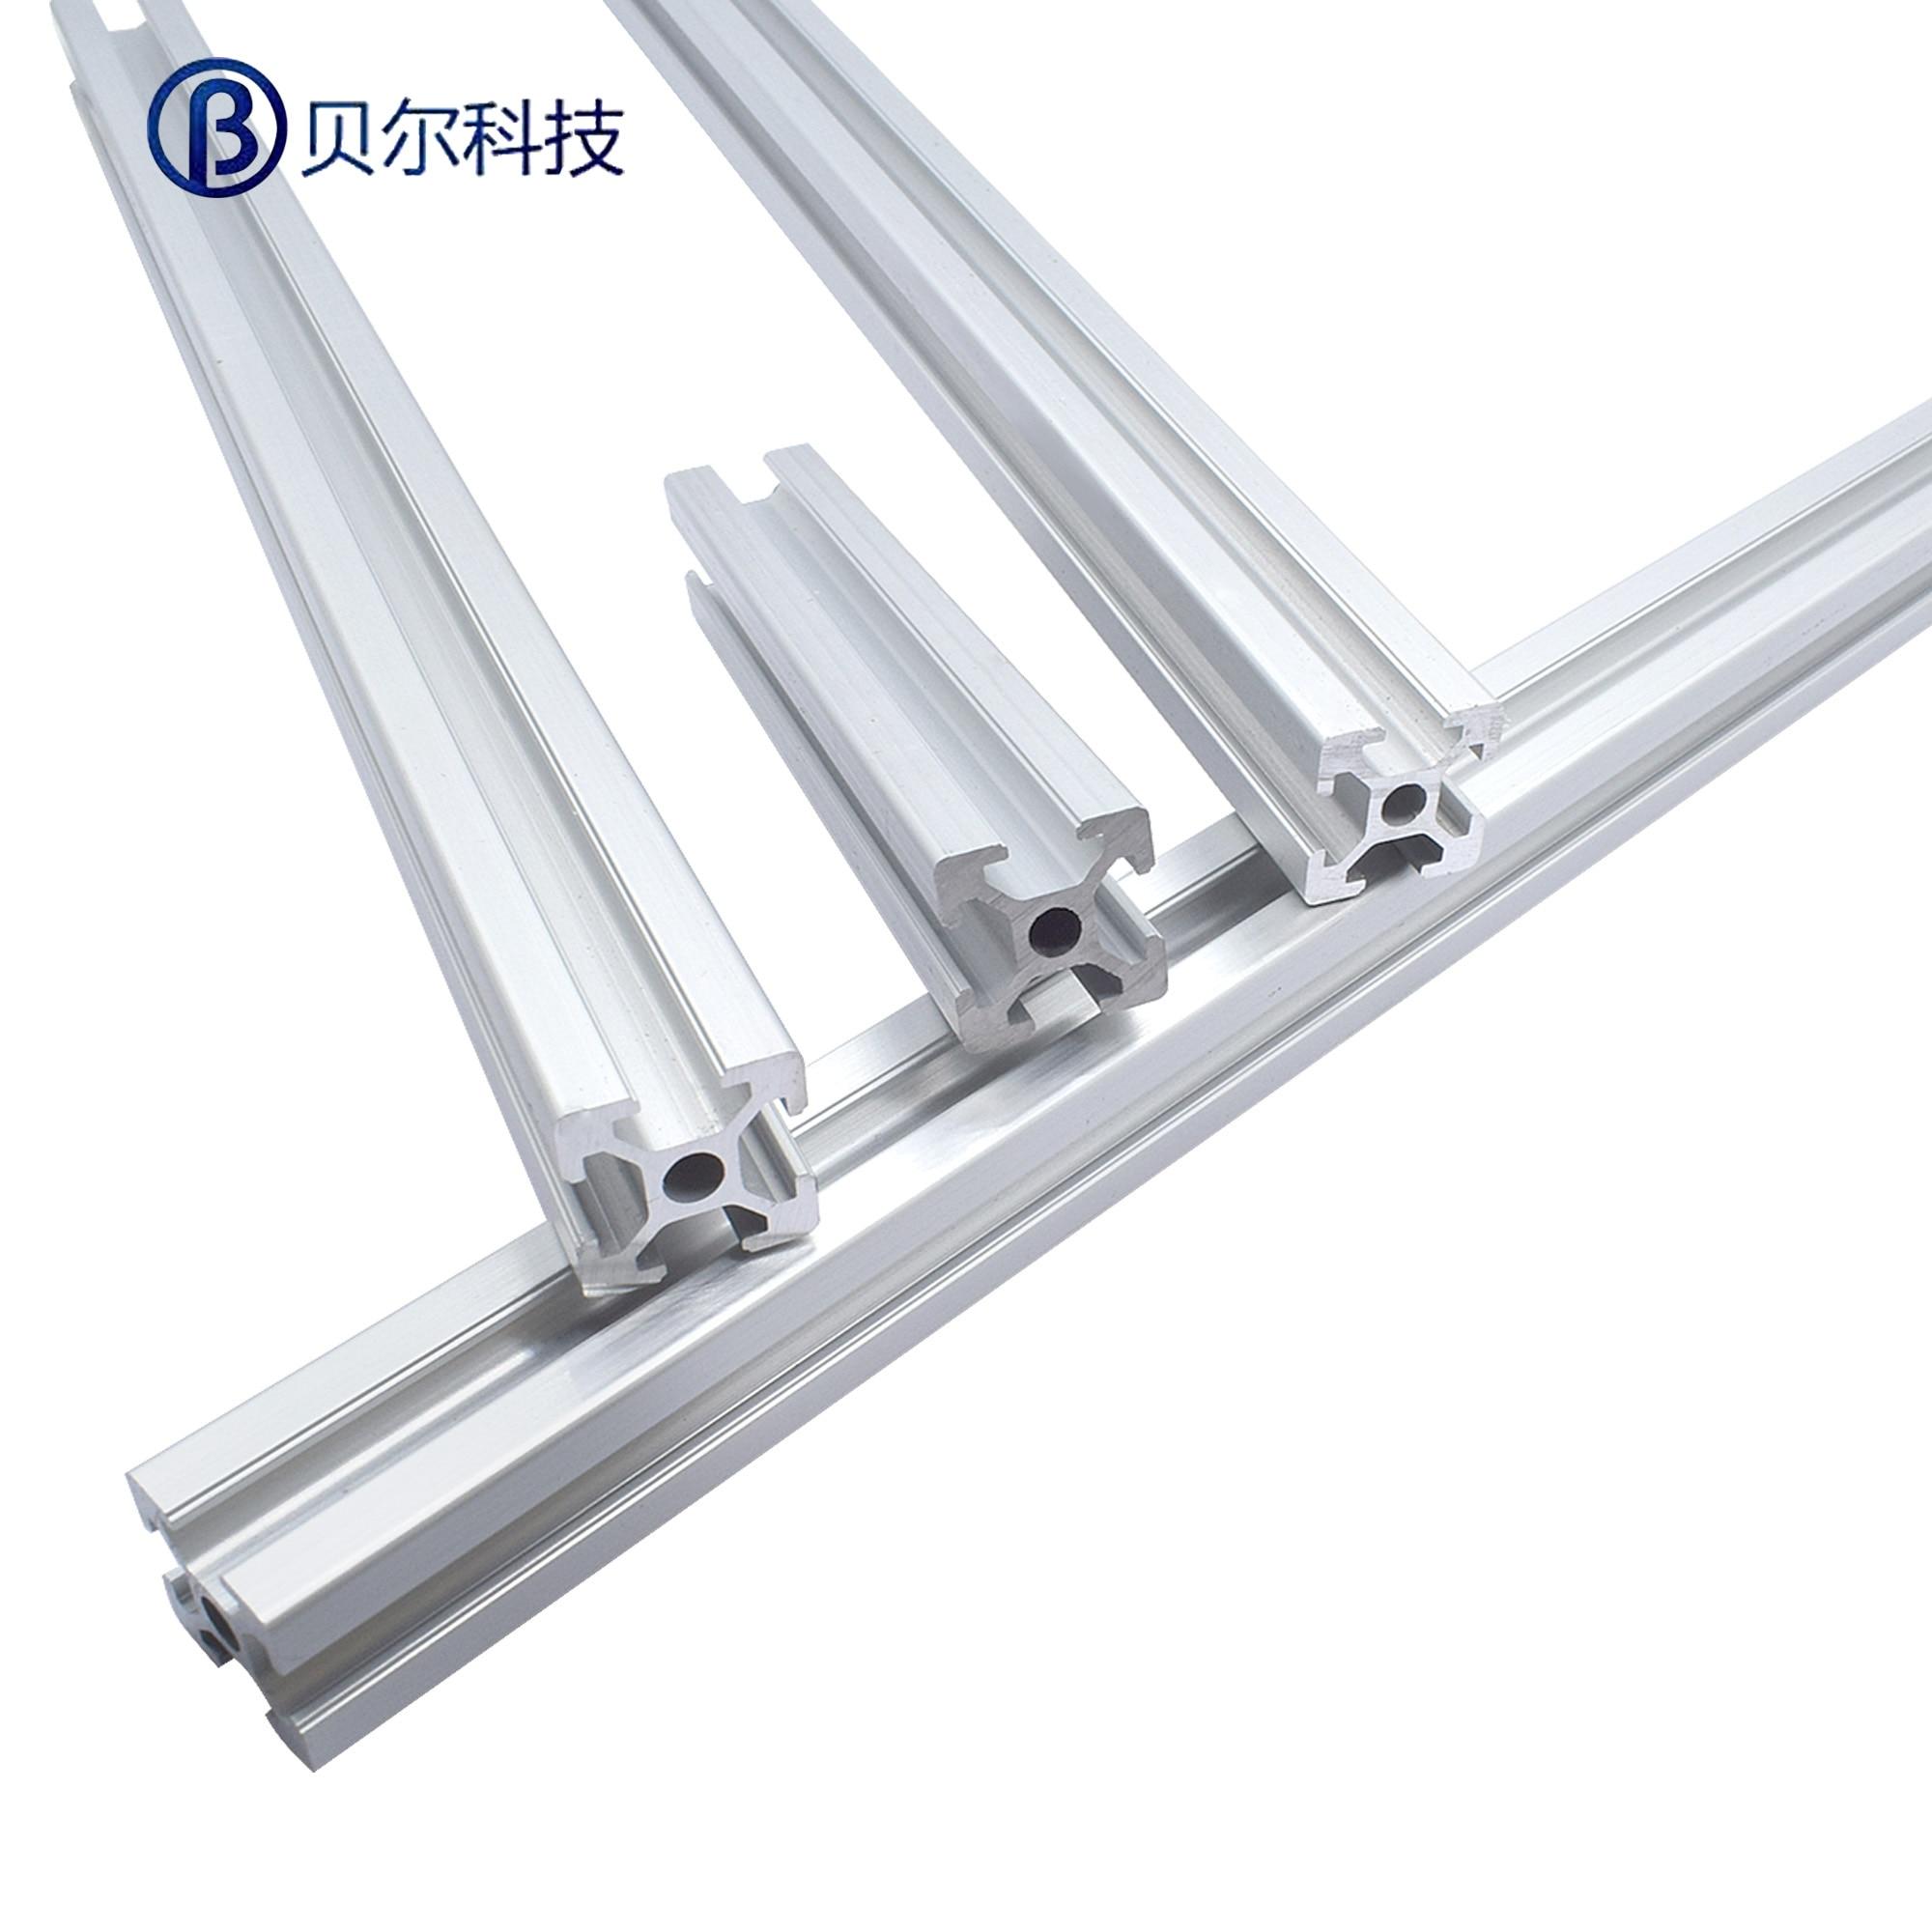 Aluminum Grips Alloy Art  MGK-2